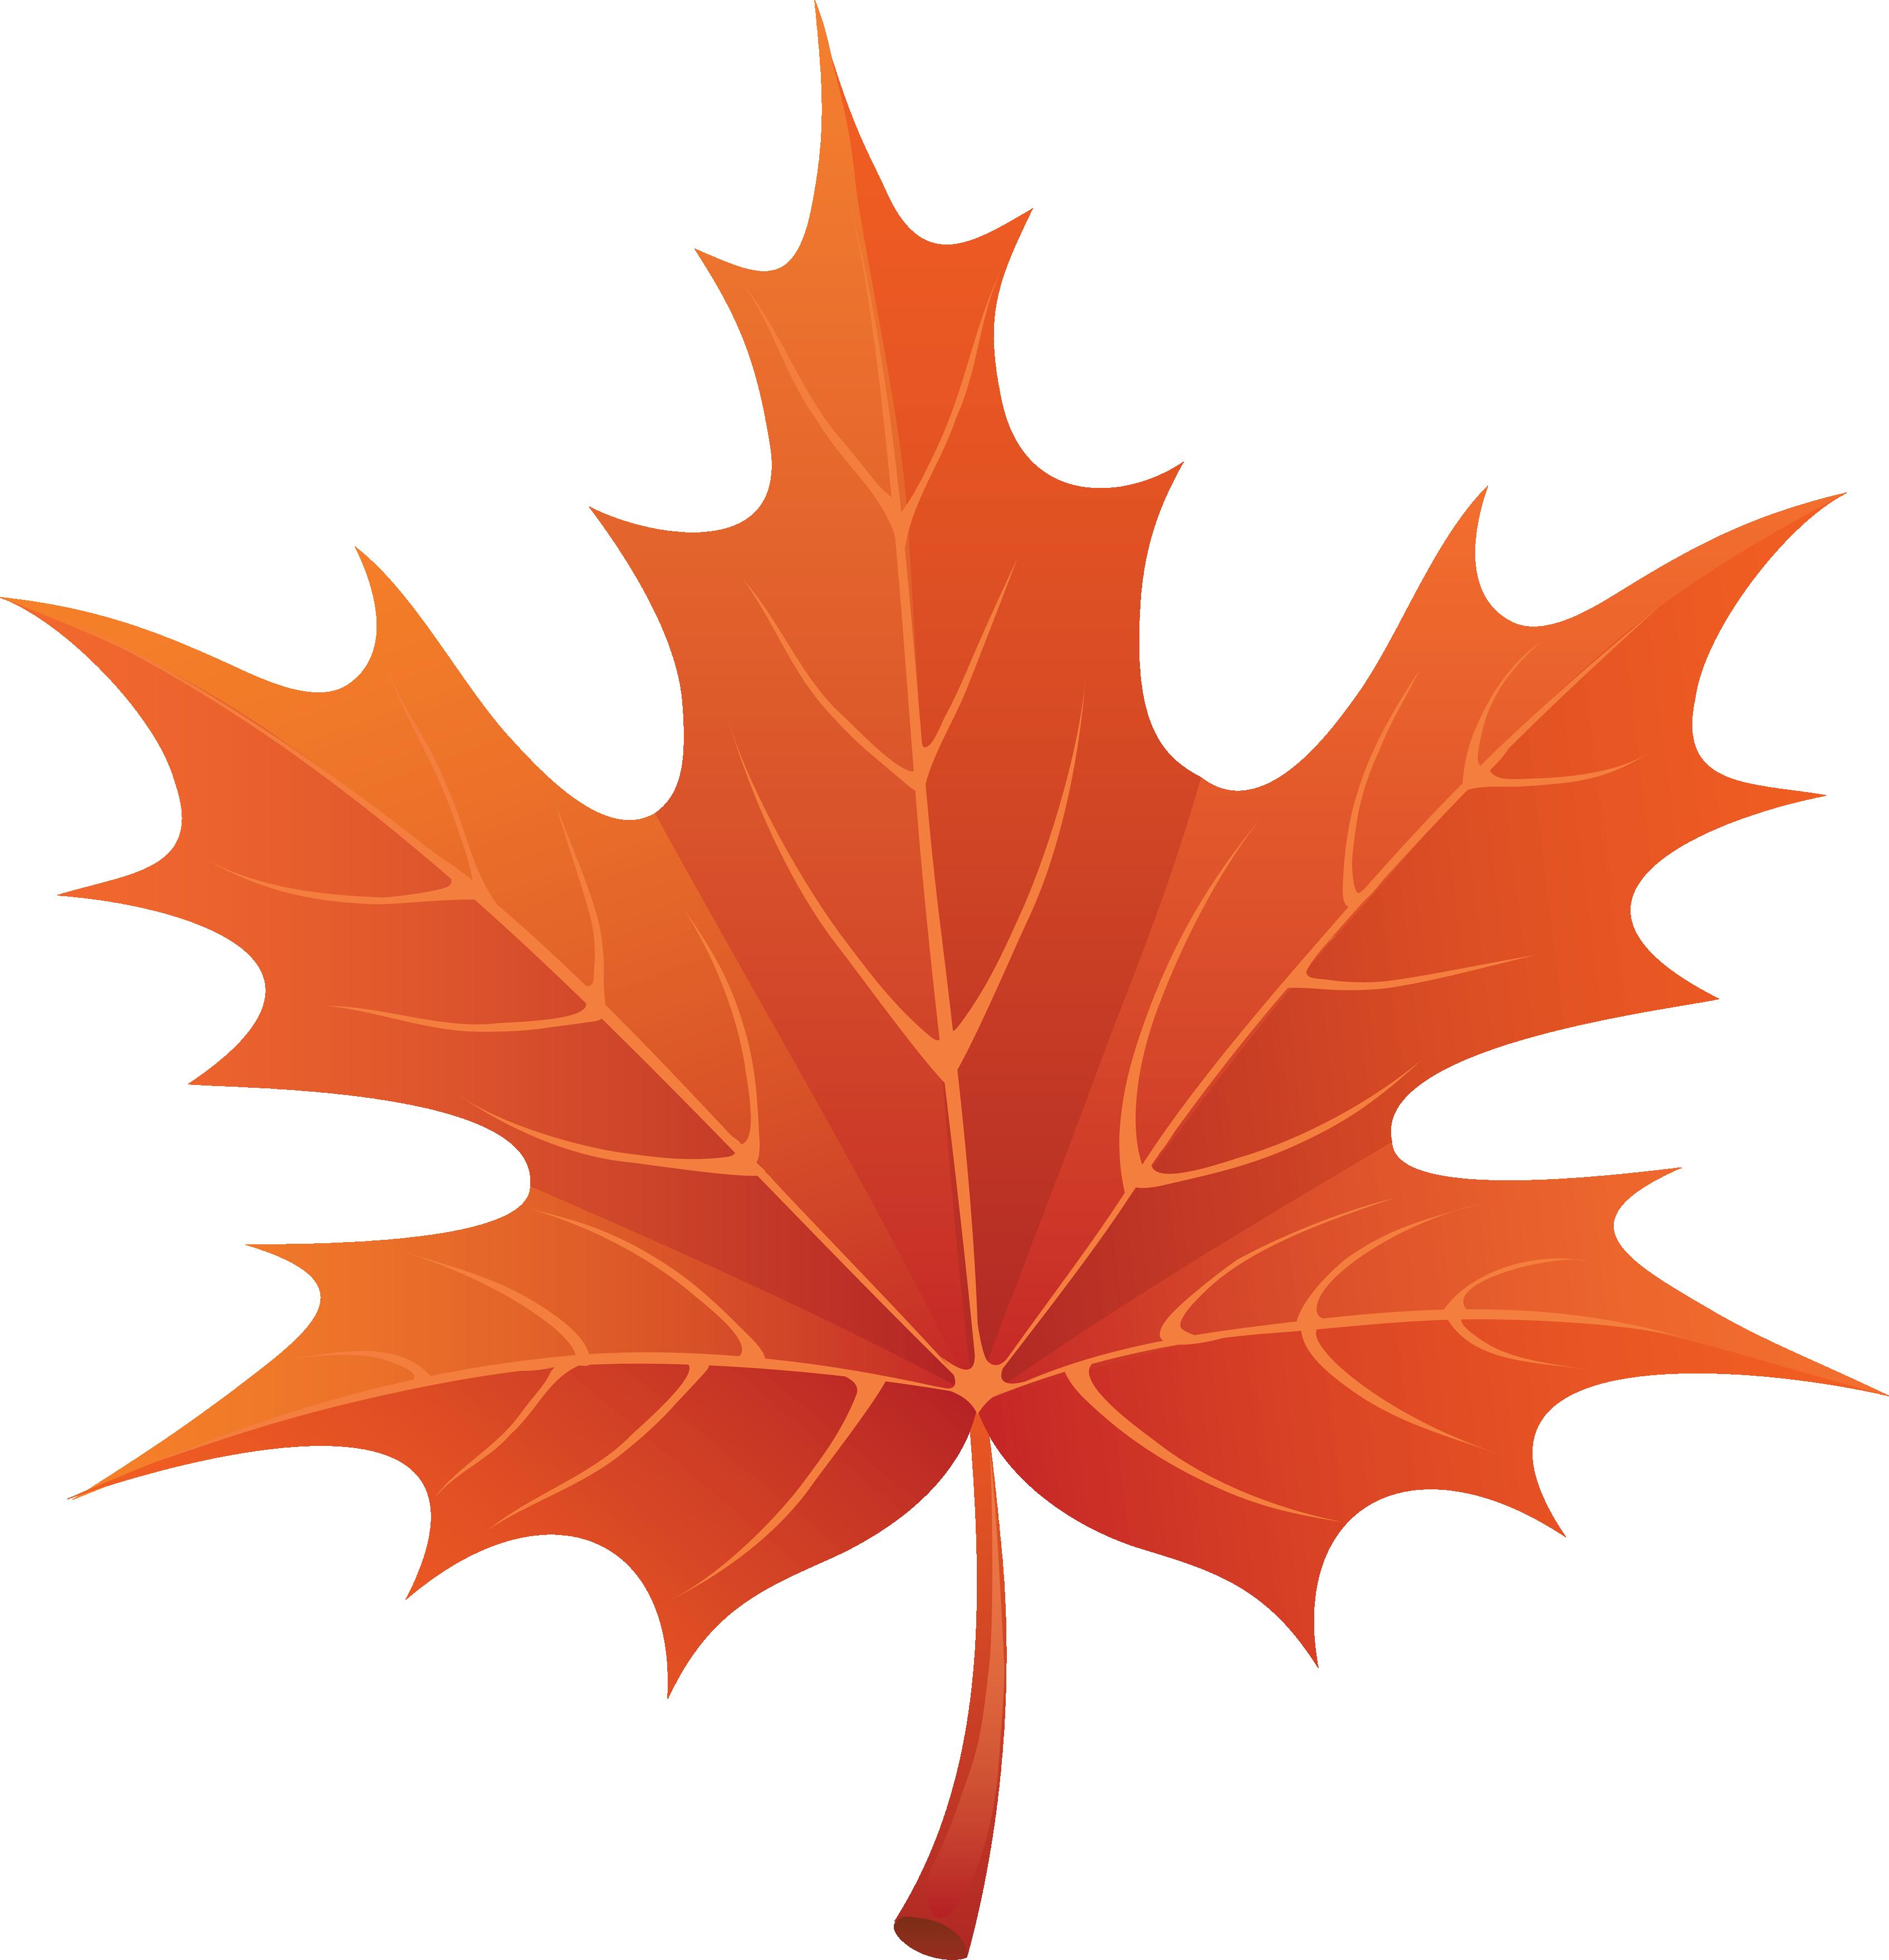 Download Png Image Maple Png Leaf-Download Png Image Maple Png Leaf-1